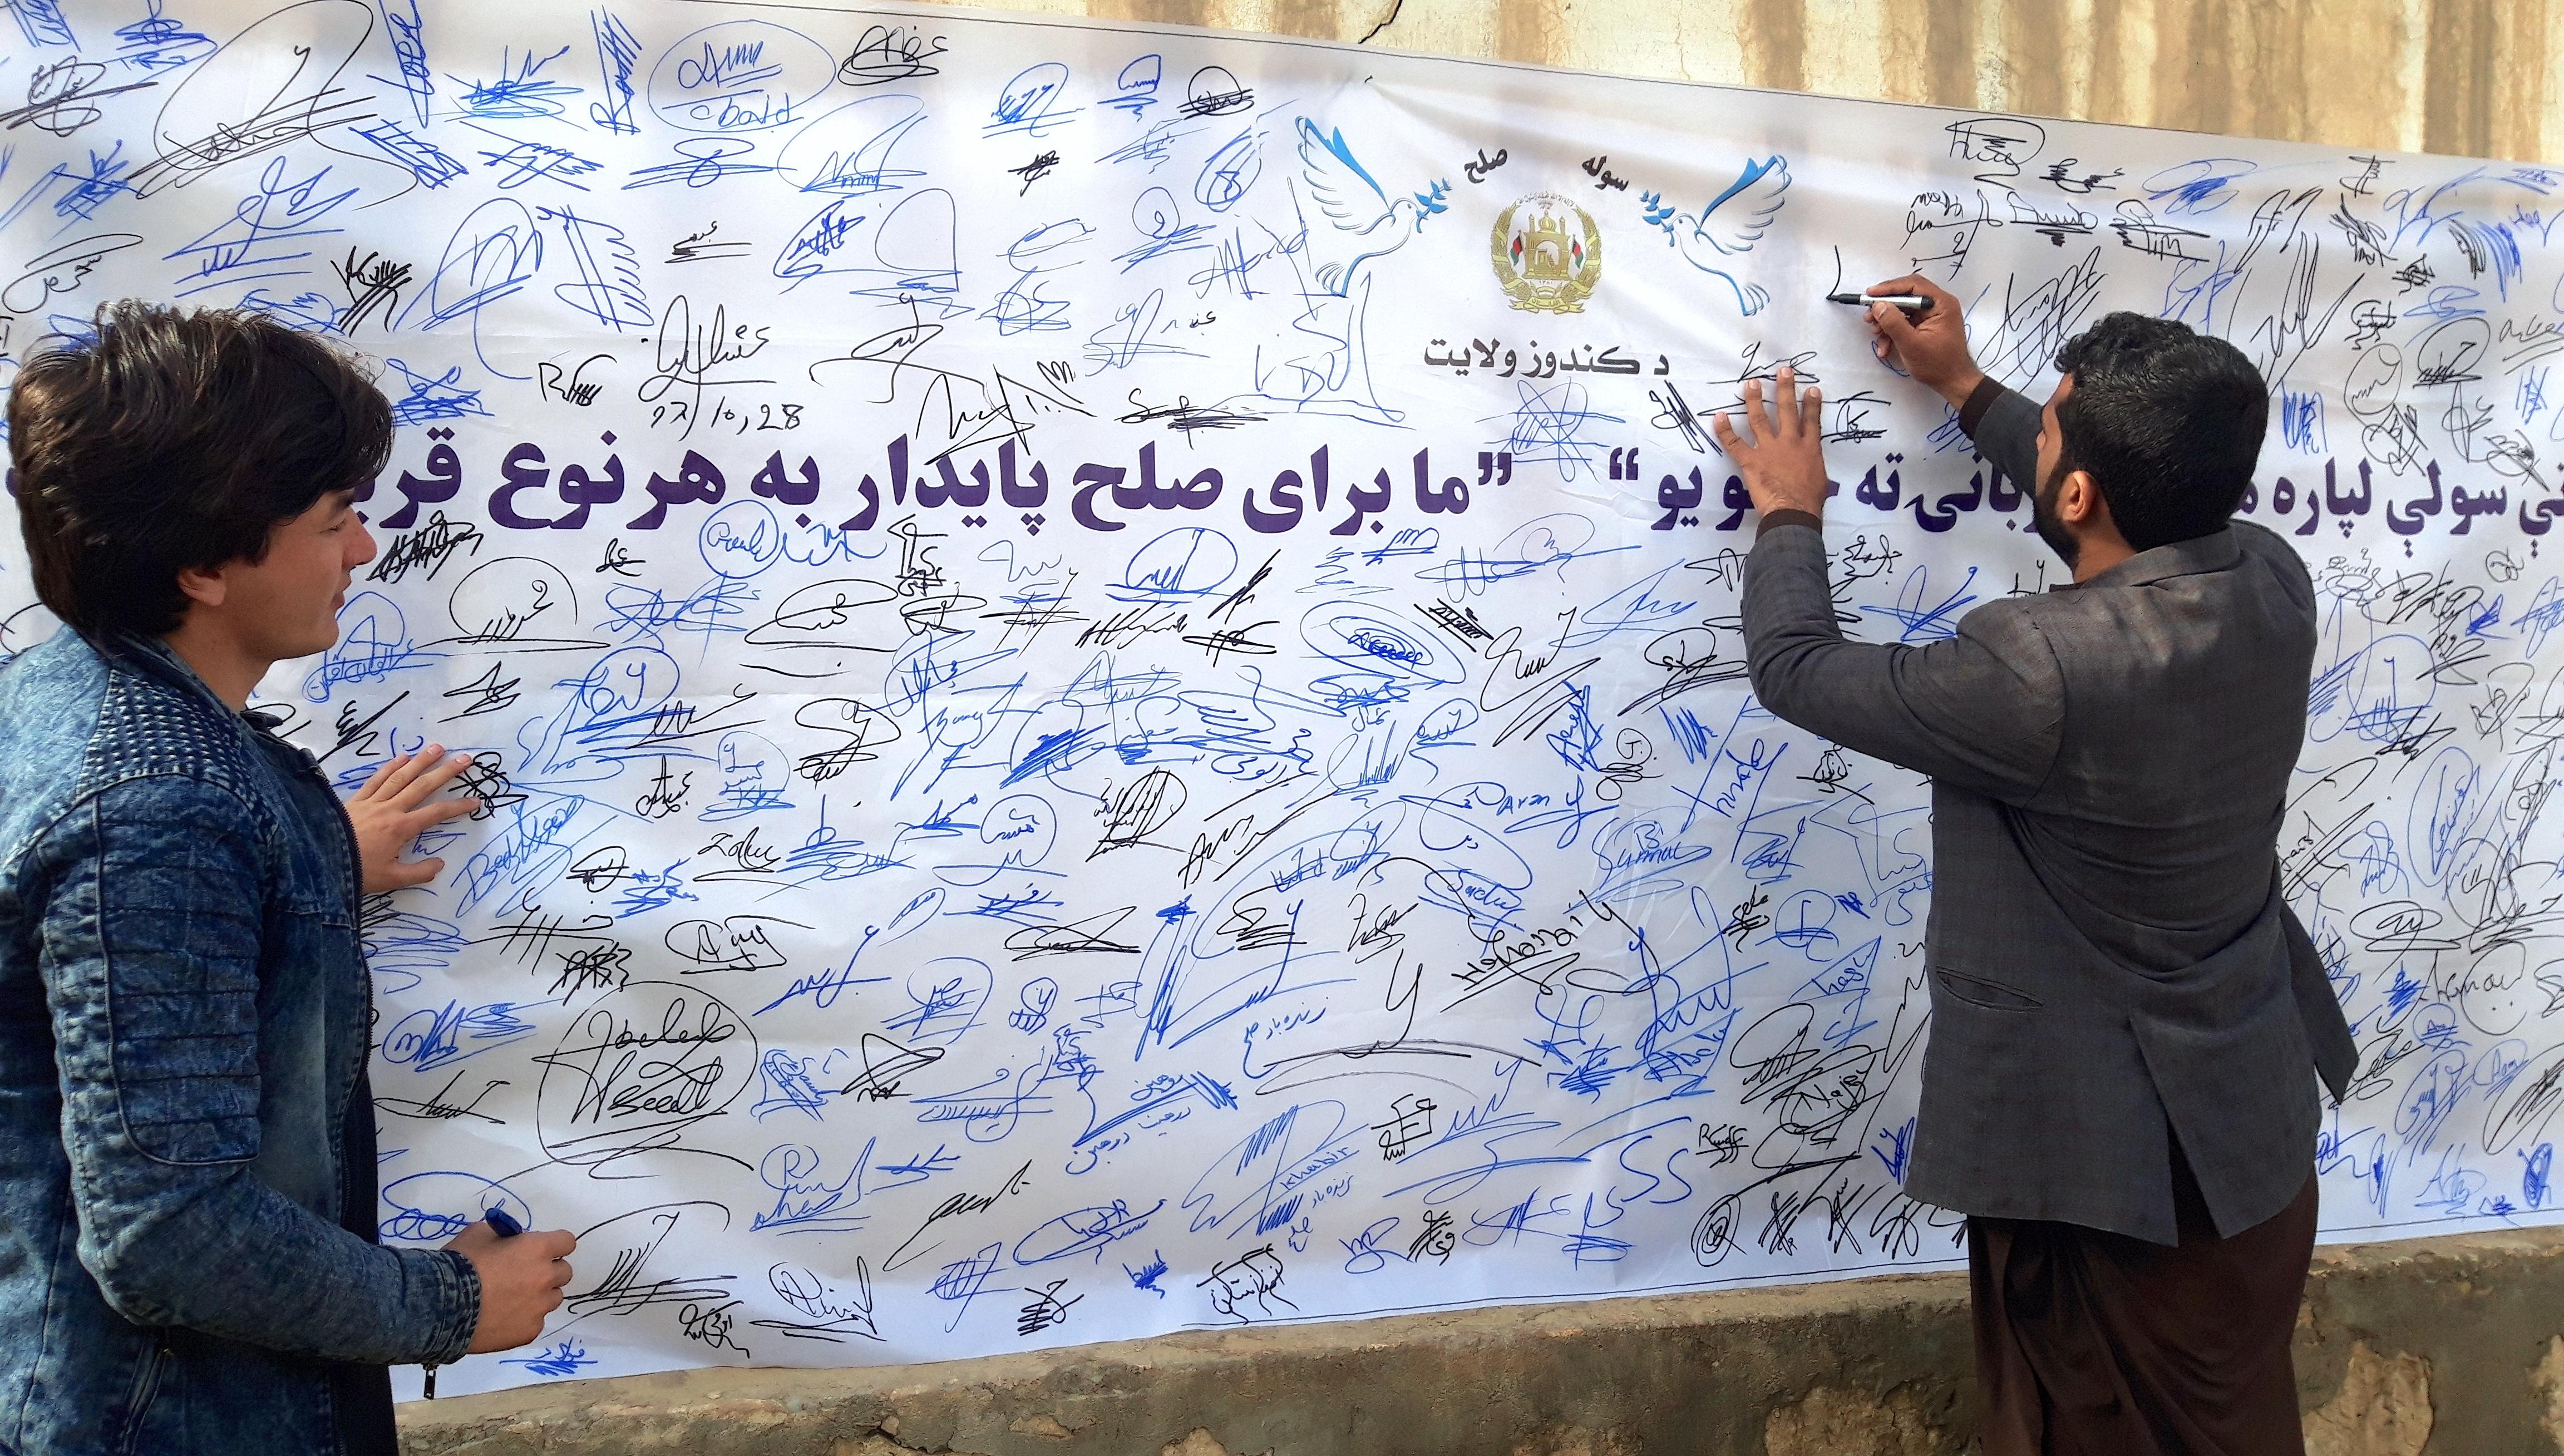 هزاران تن از باشنده گان قندوز فراخوان صلح را امضا کردند